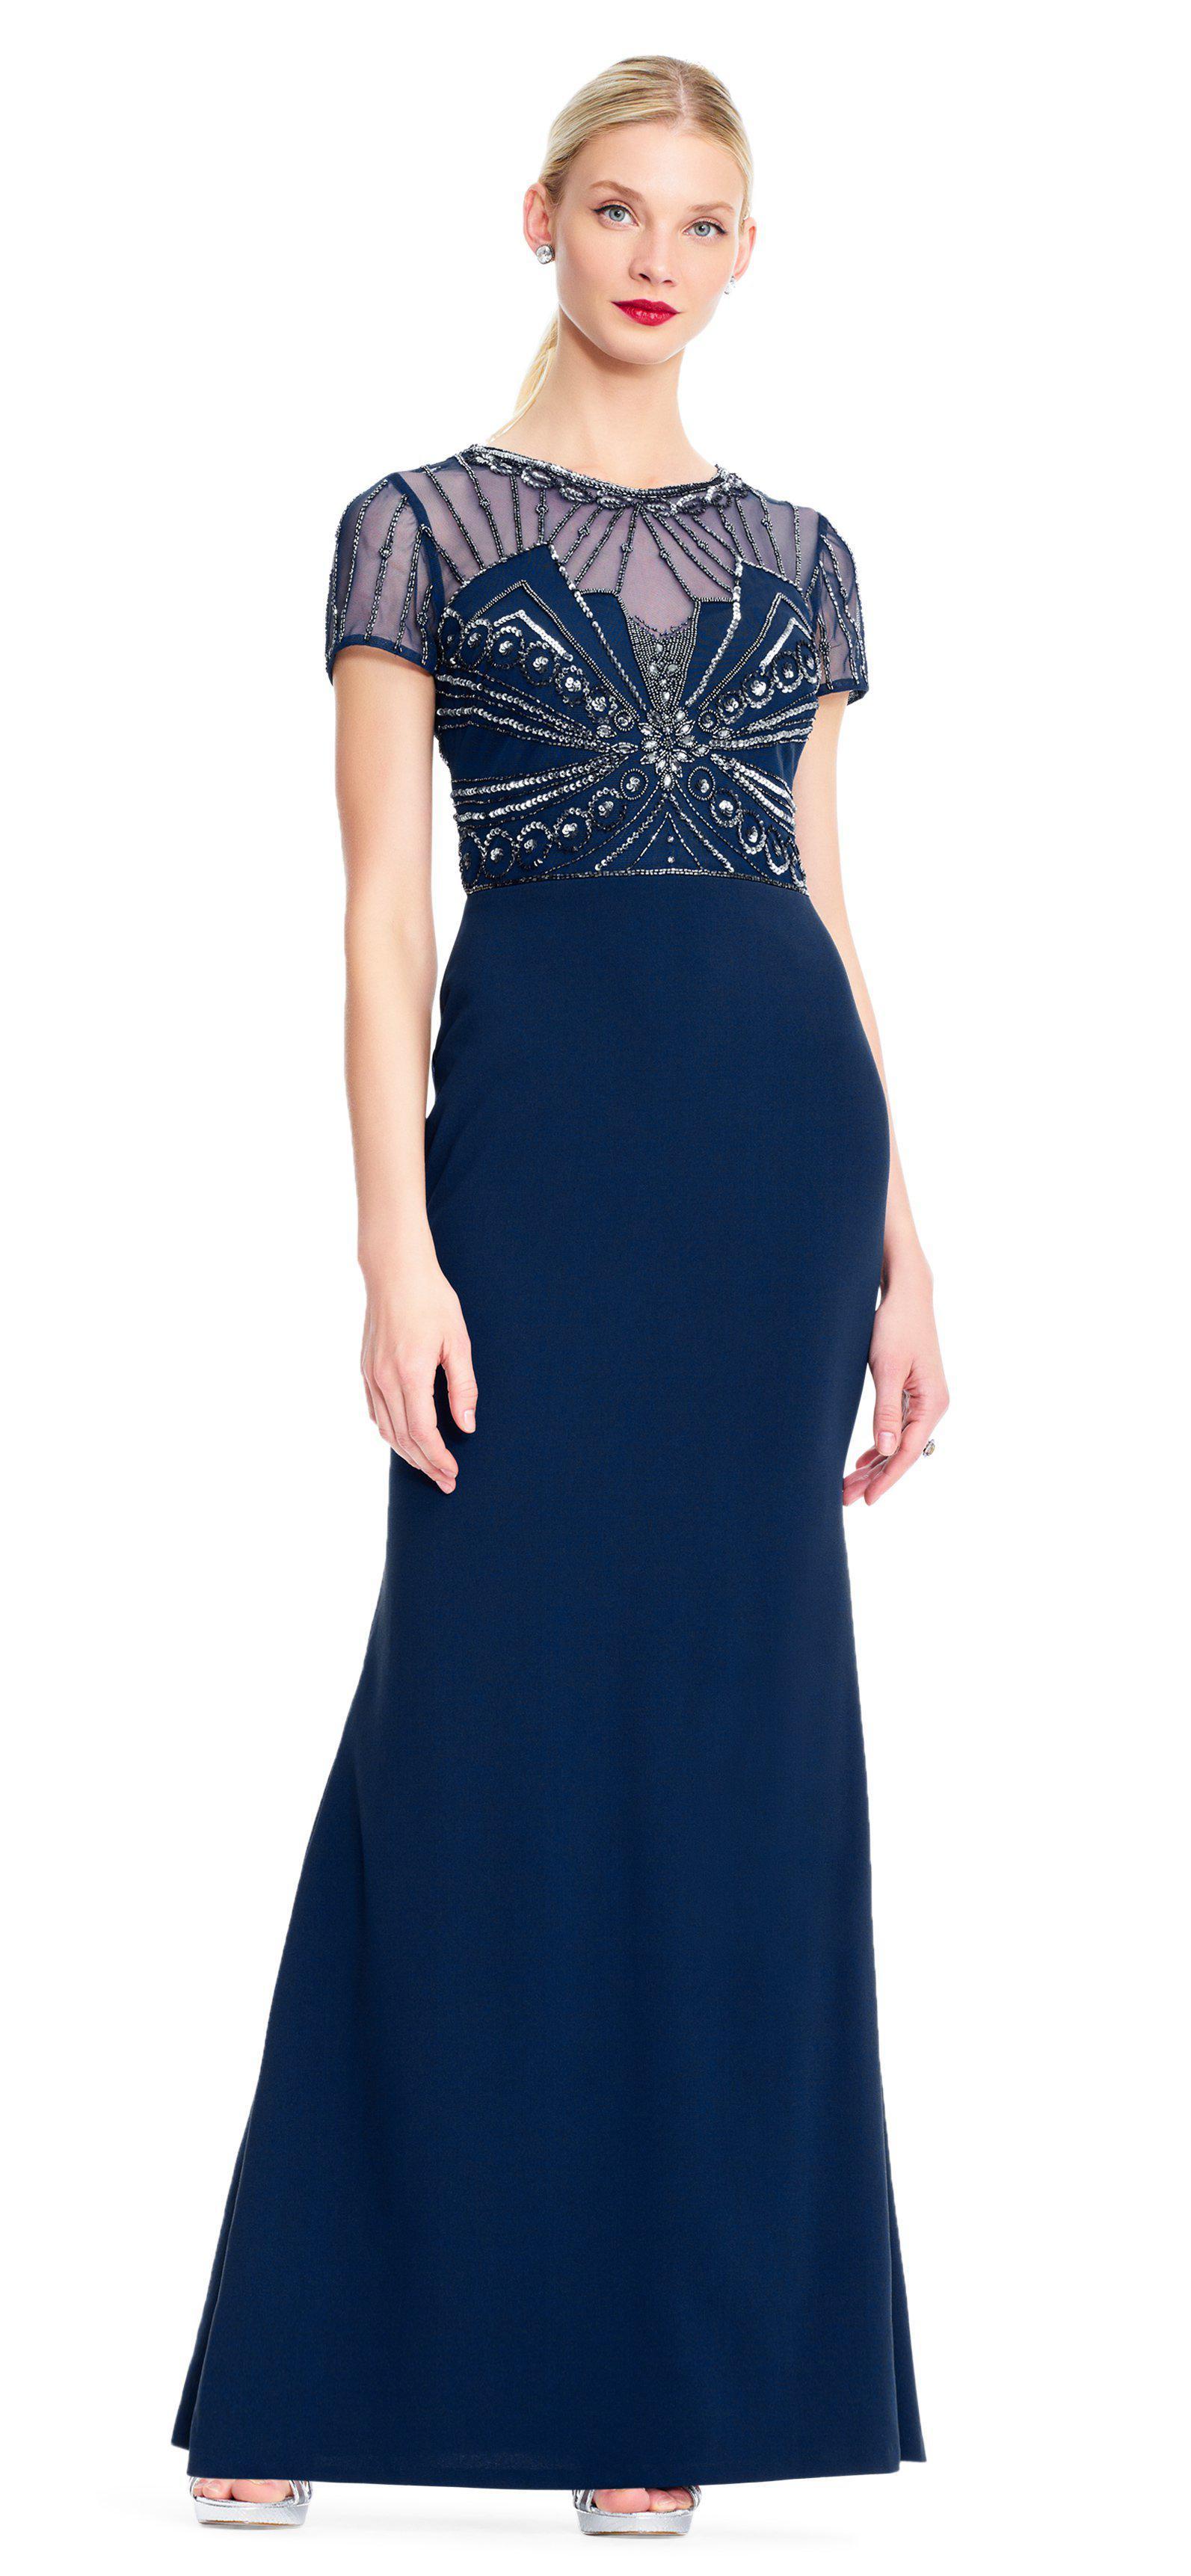 7740f428d7db Adrianna Papell. Women s Blue Ap1e203646 Beaded Sheer Short Sleeve Trumpet  Dress